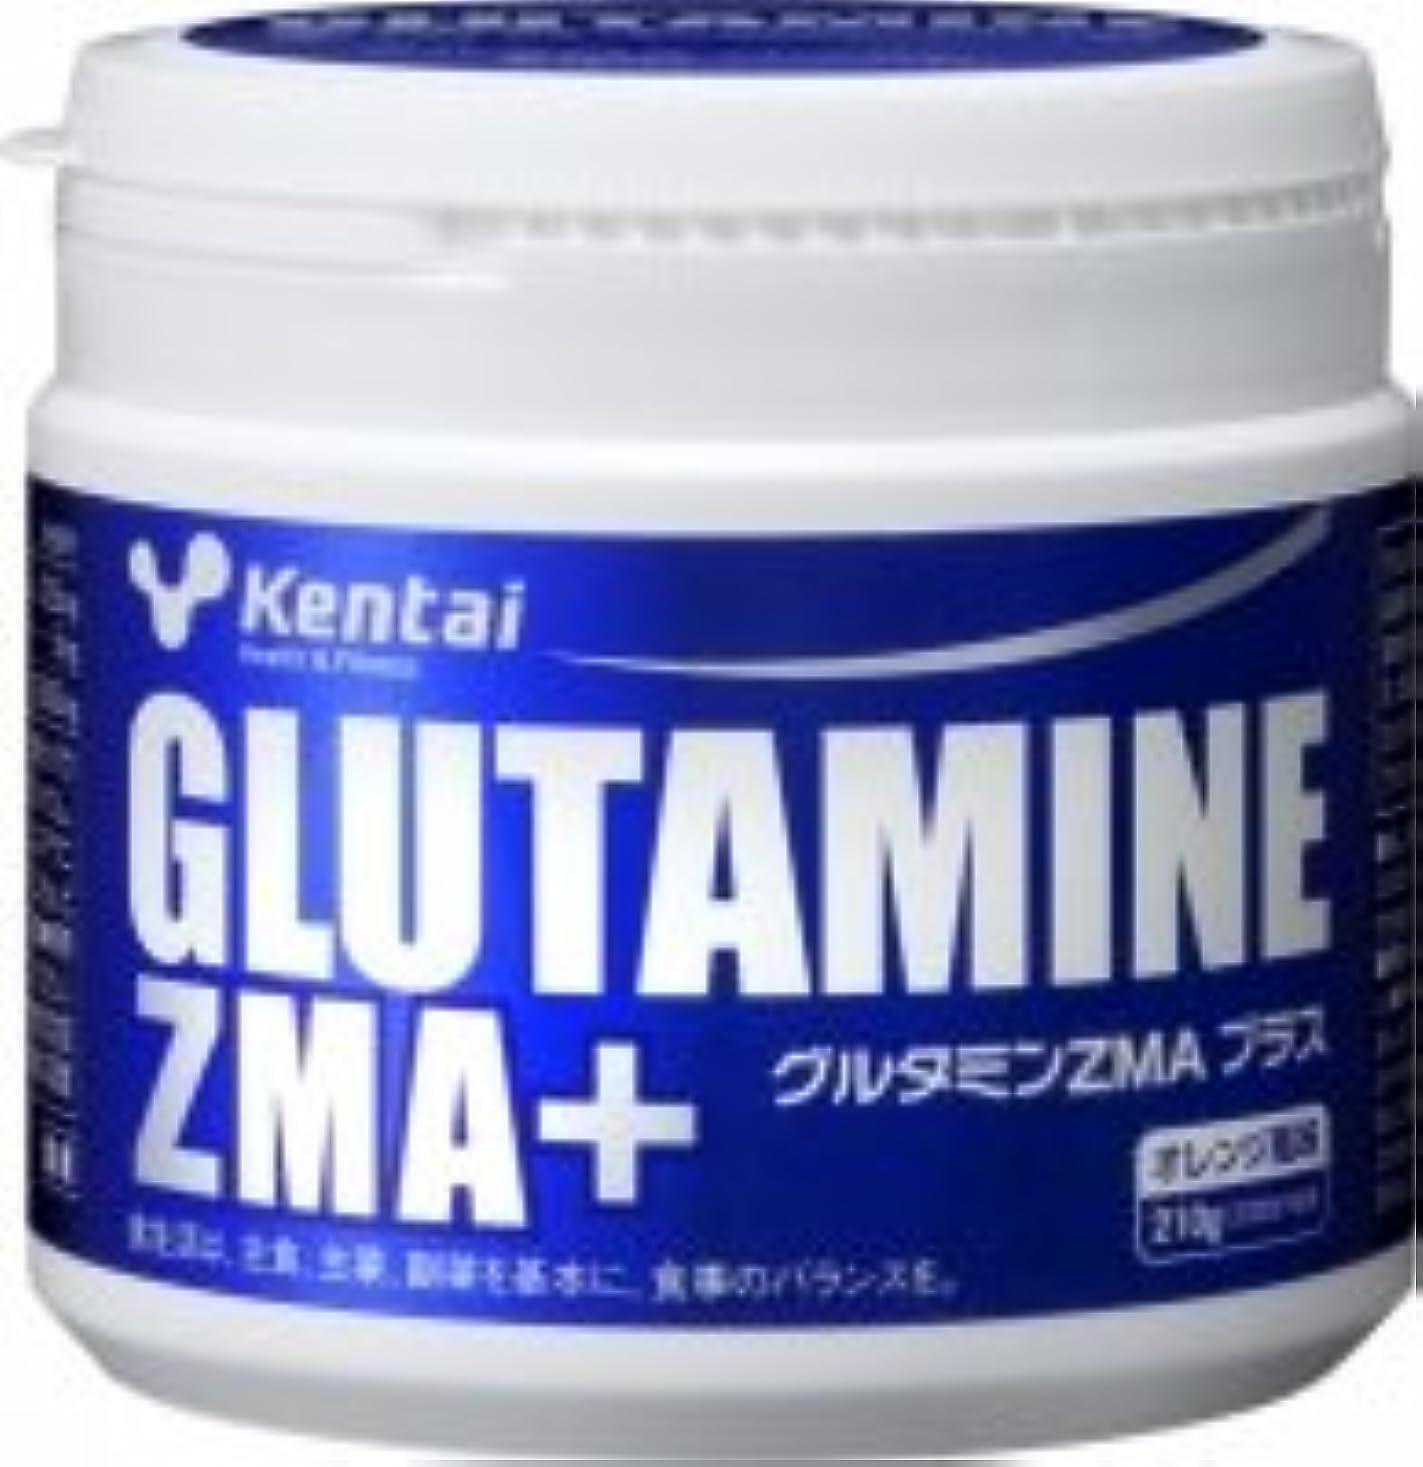 大きさ階マニアック【健康体力研究所 (Kentai)】 グルタミンZMAプラス 210g